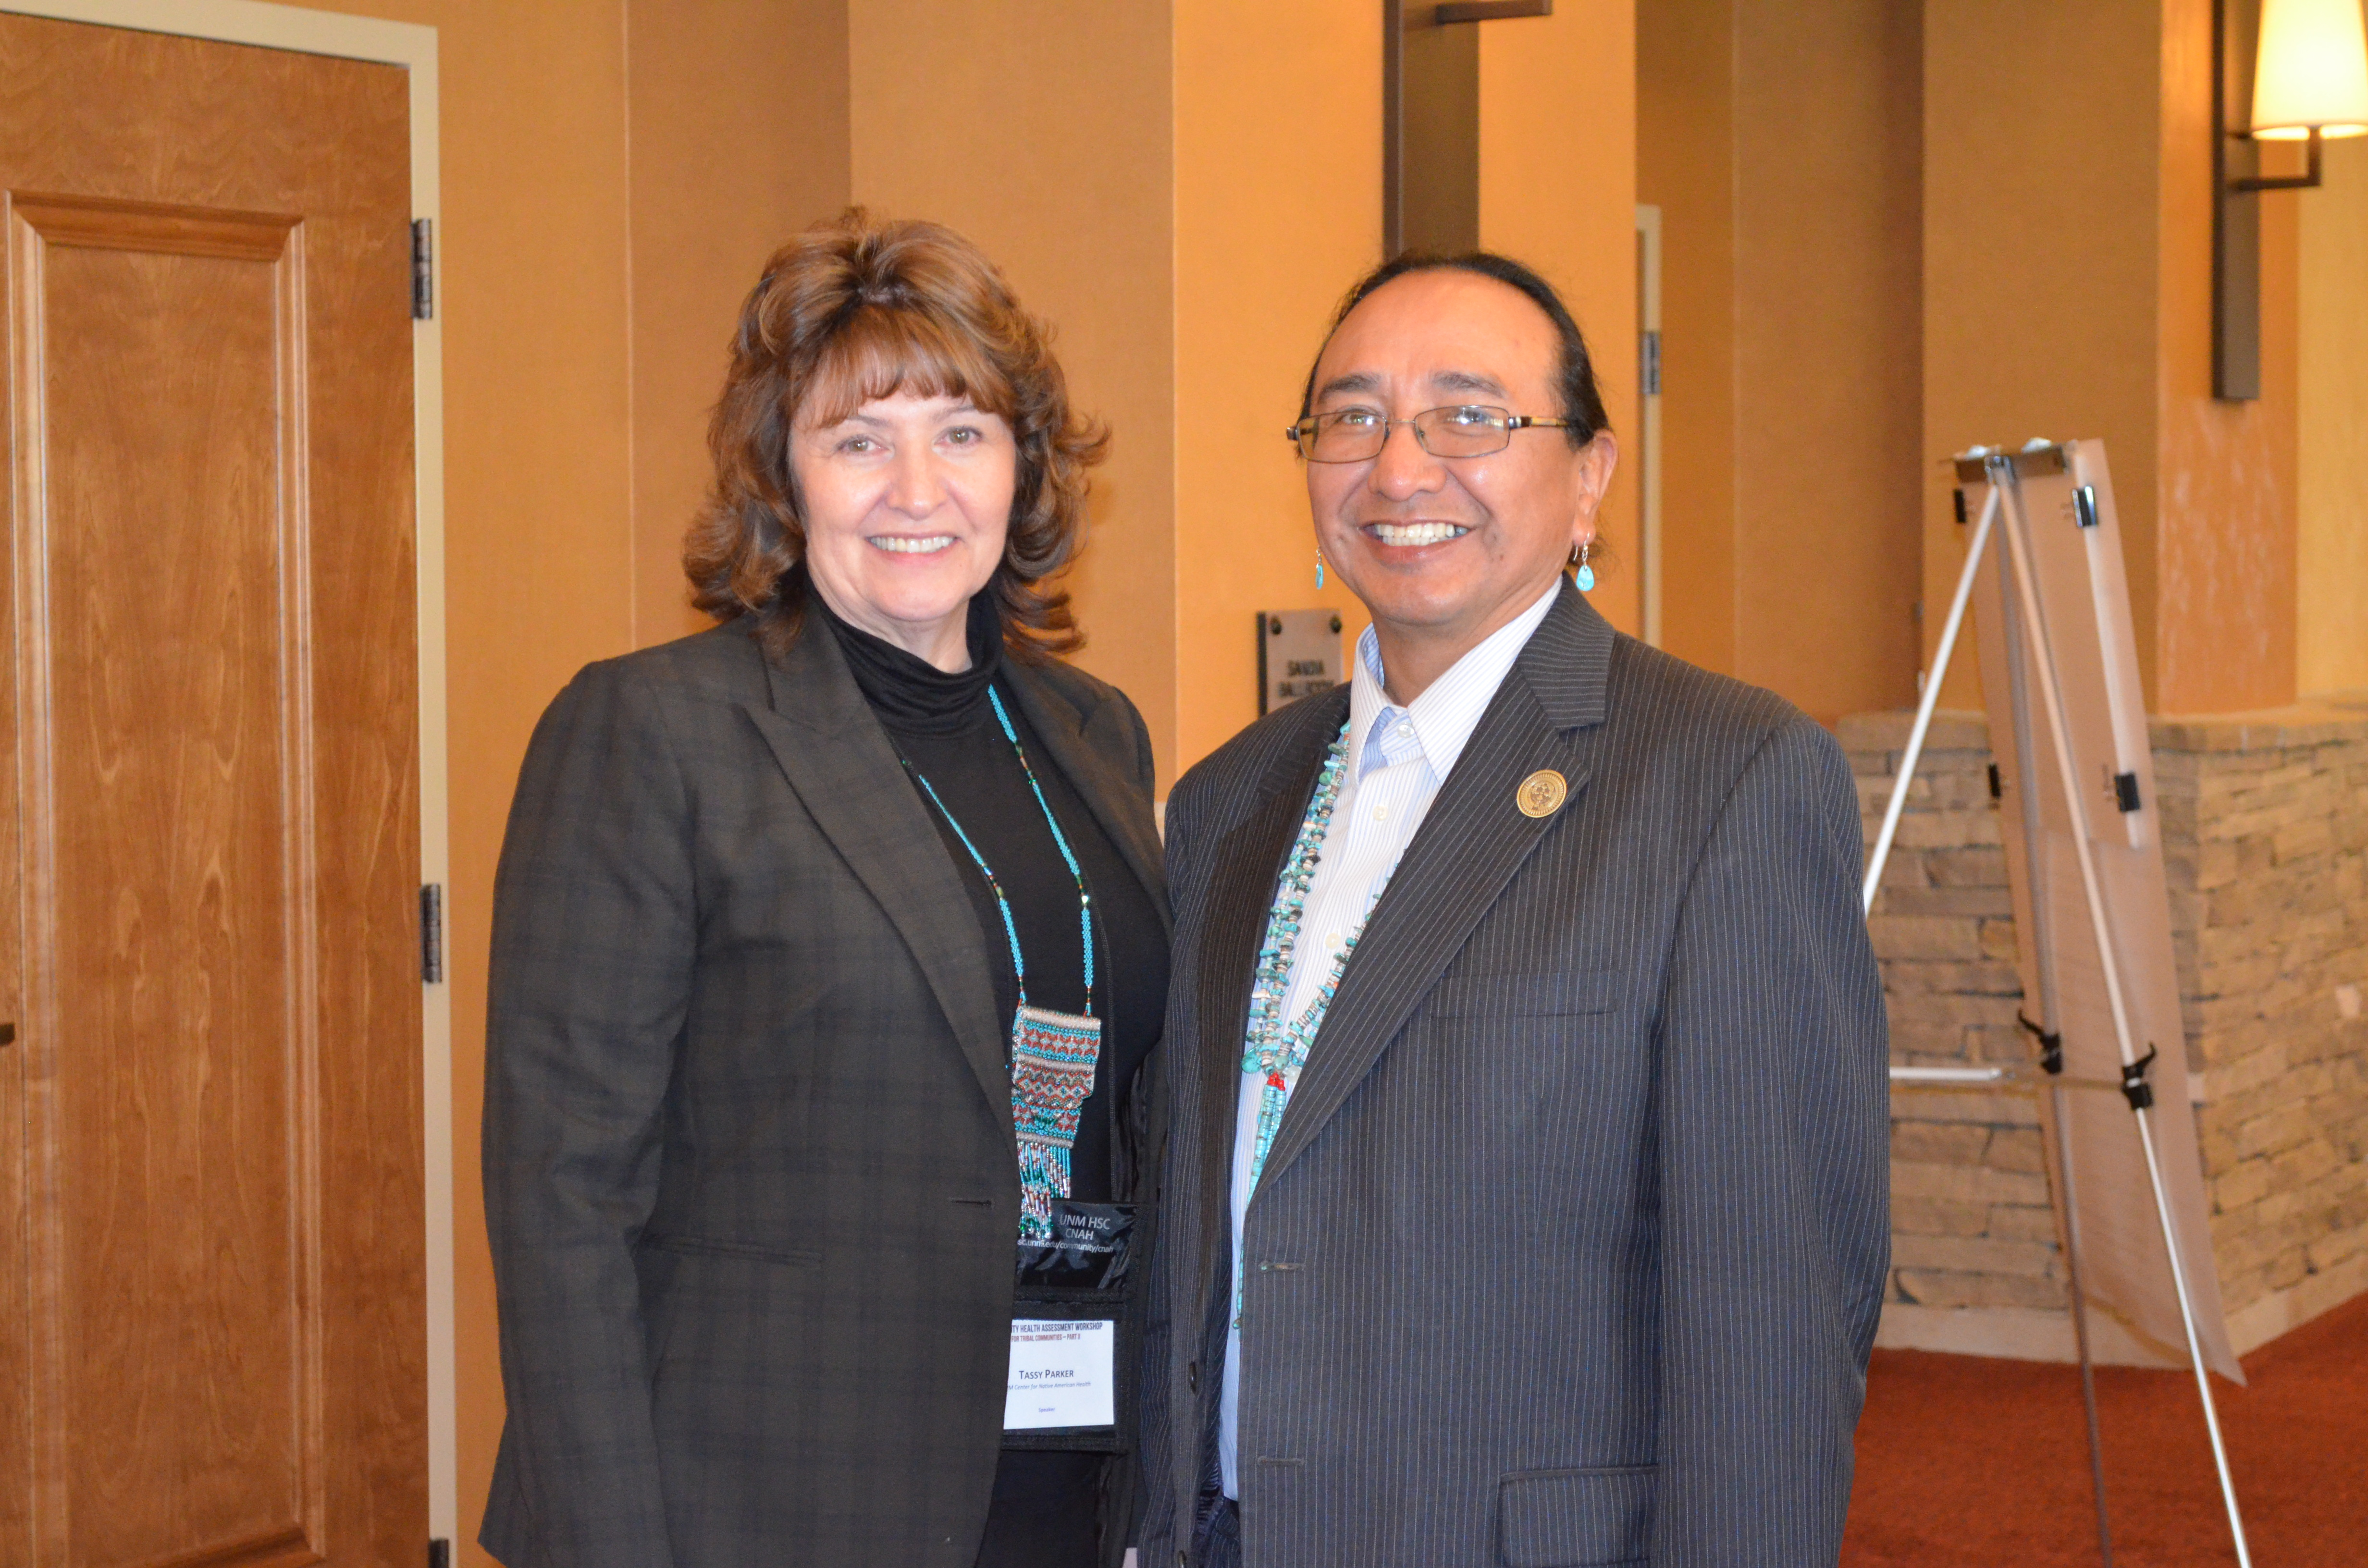 Tassy y el vicepresidente de la Nación Navajo, Rex Lee Jim.